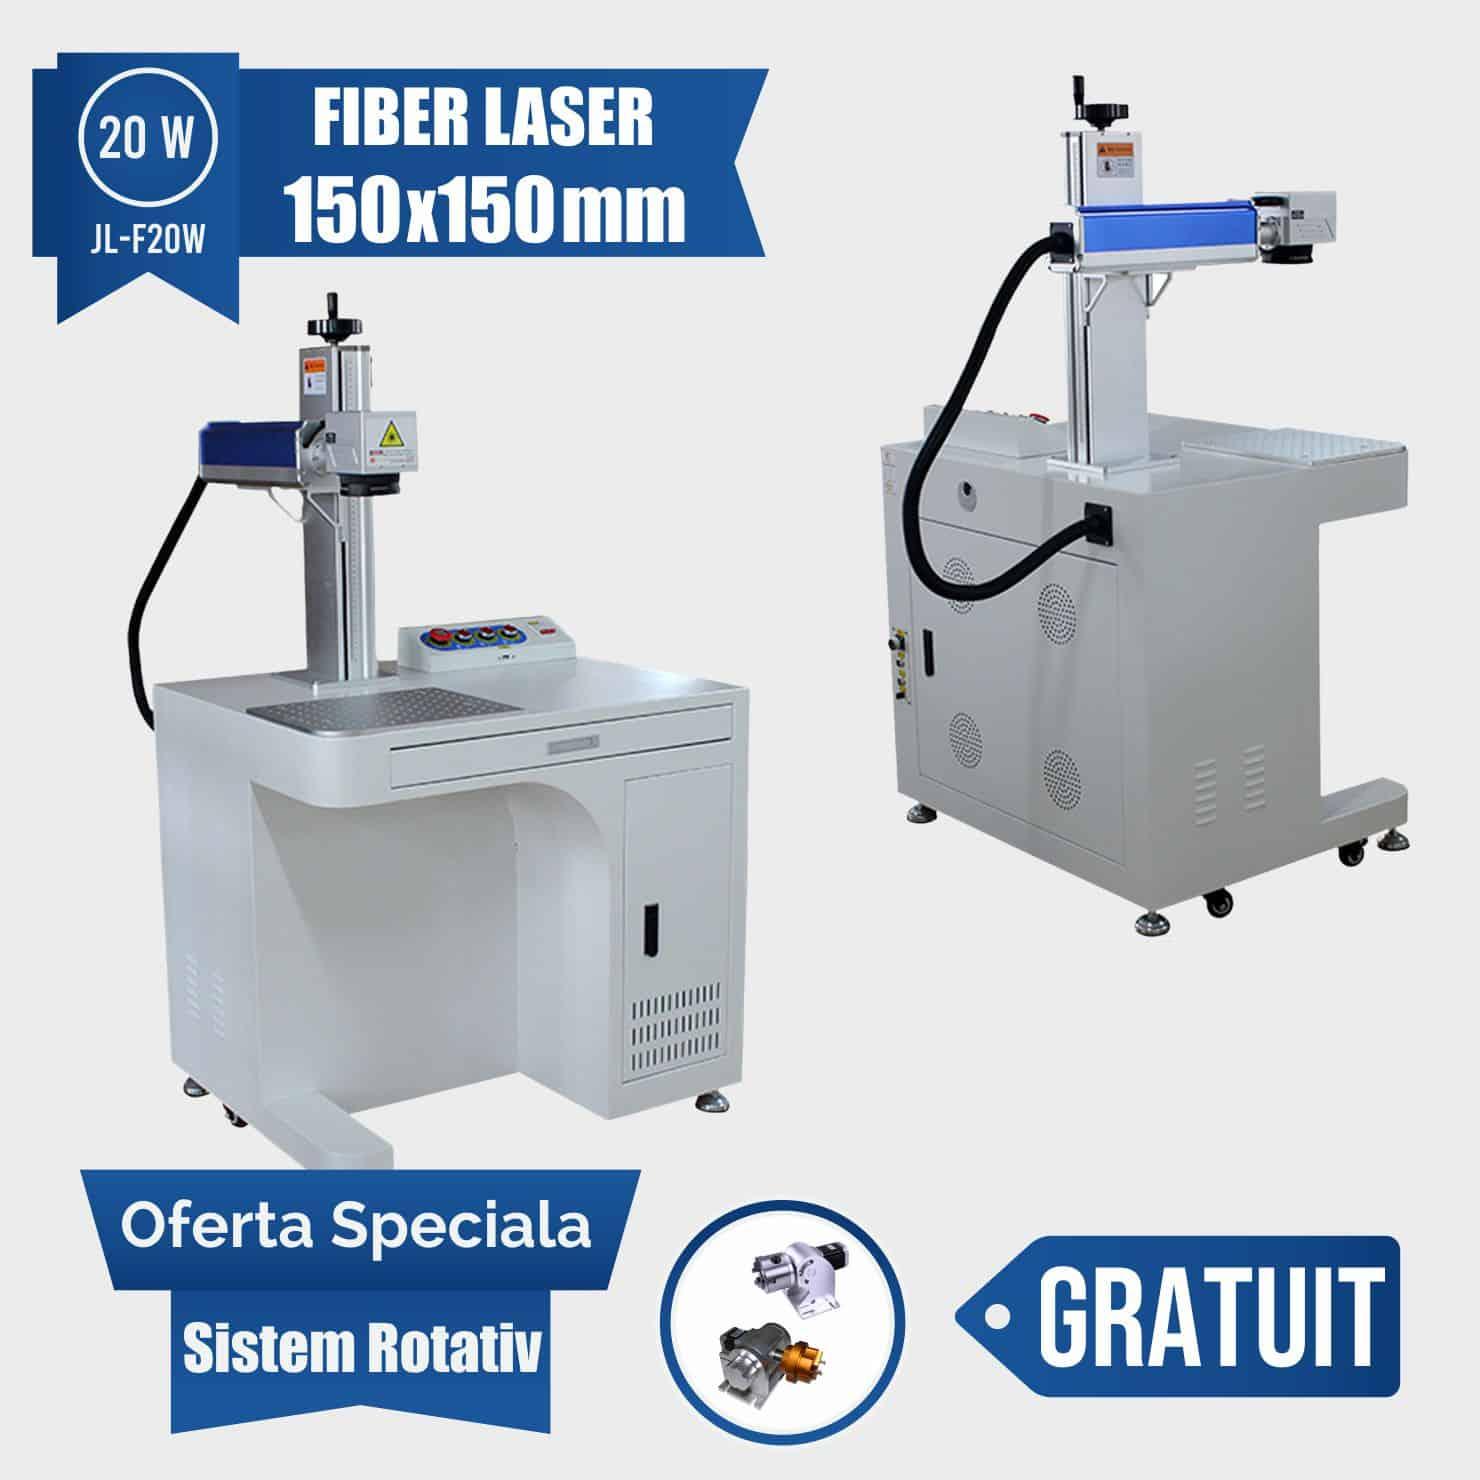 fiber laser 30w